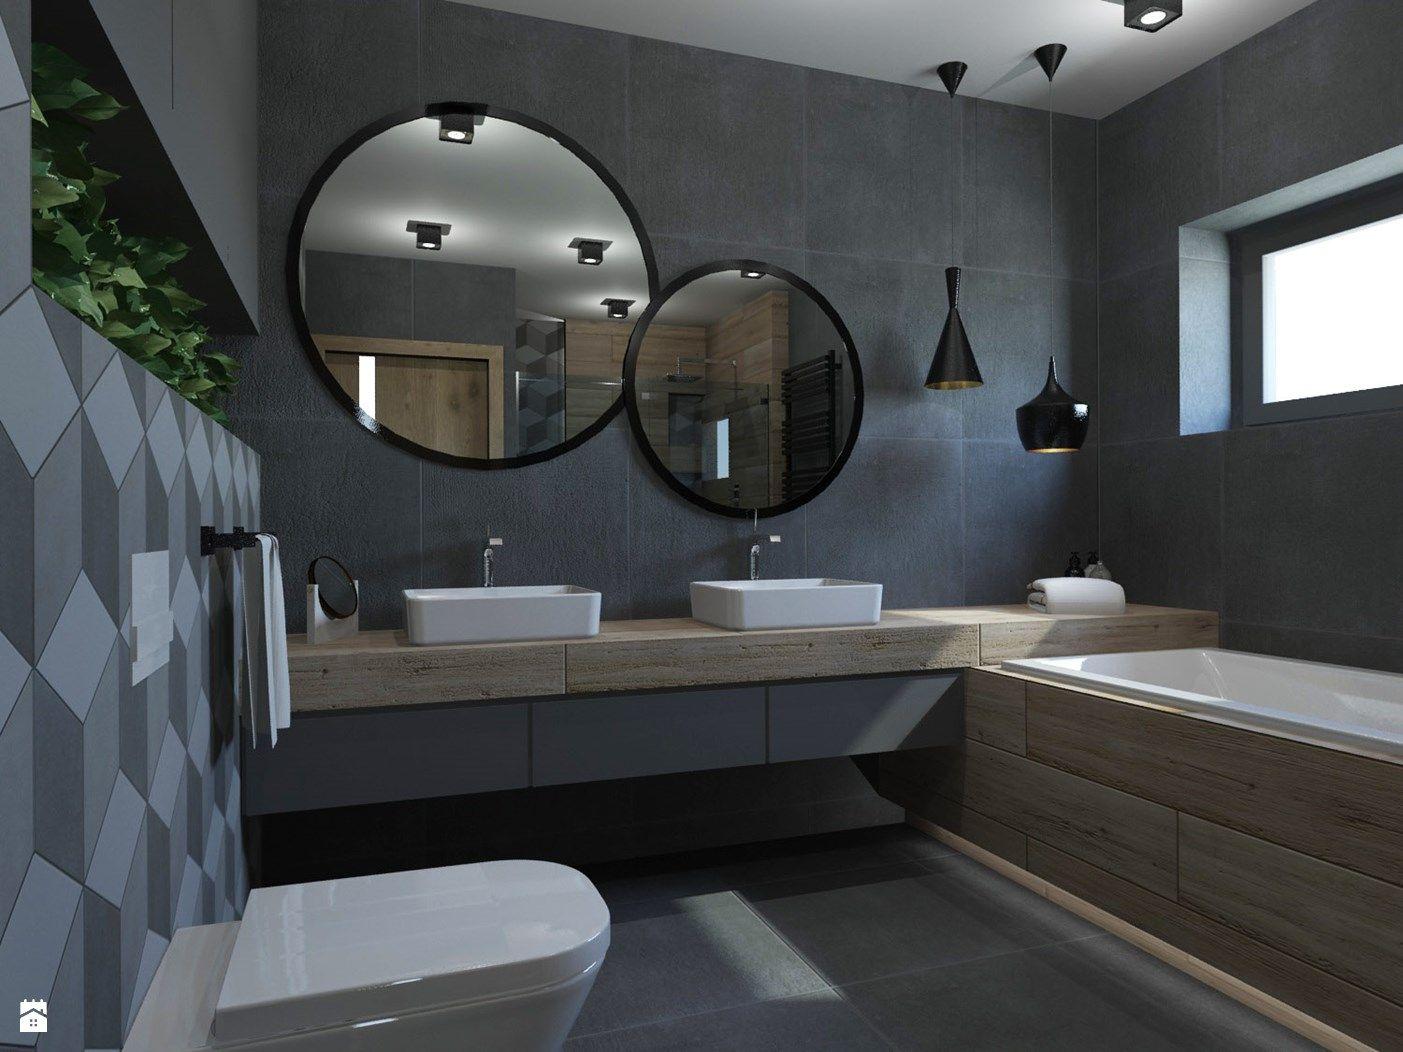 Badezimmereinrichtungen Bilder badezimmereinrichtungen bilder slagerijstok